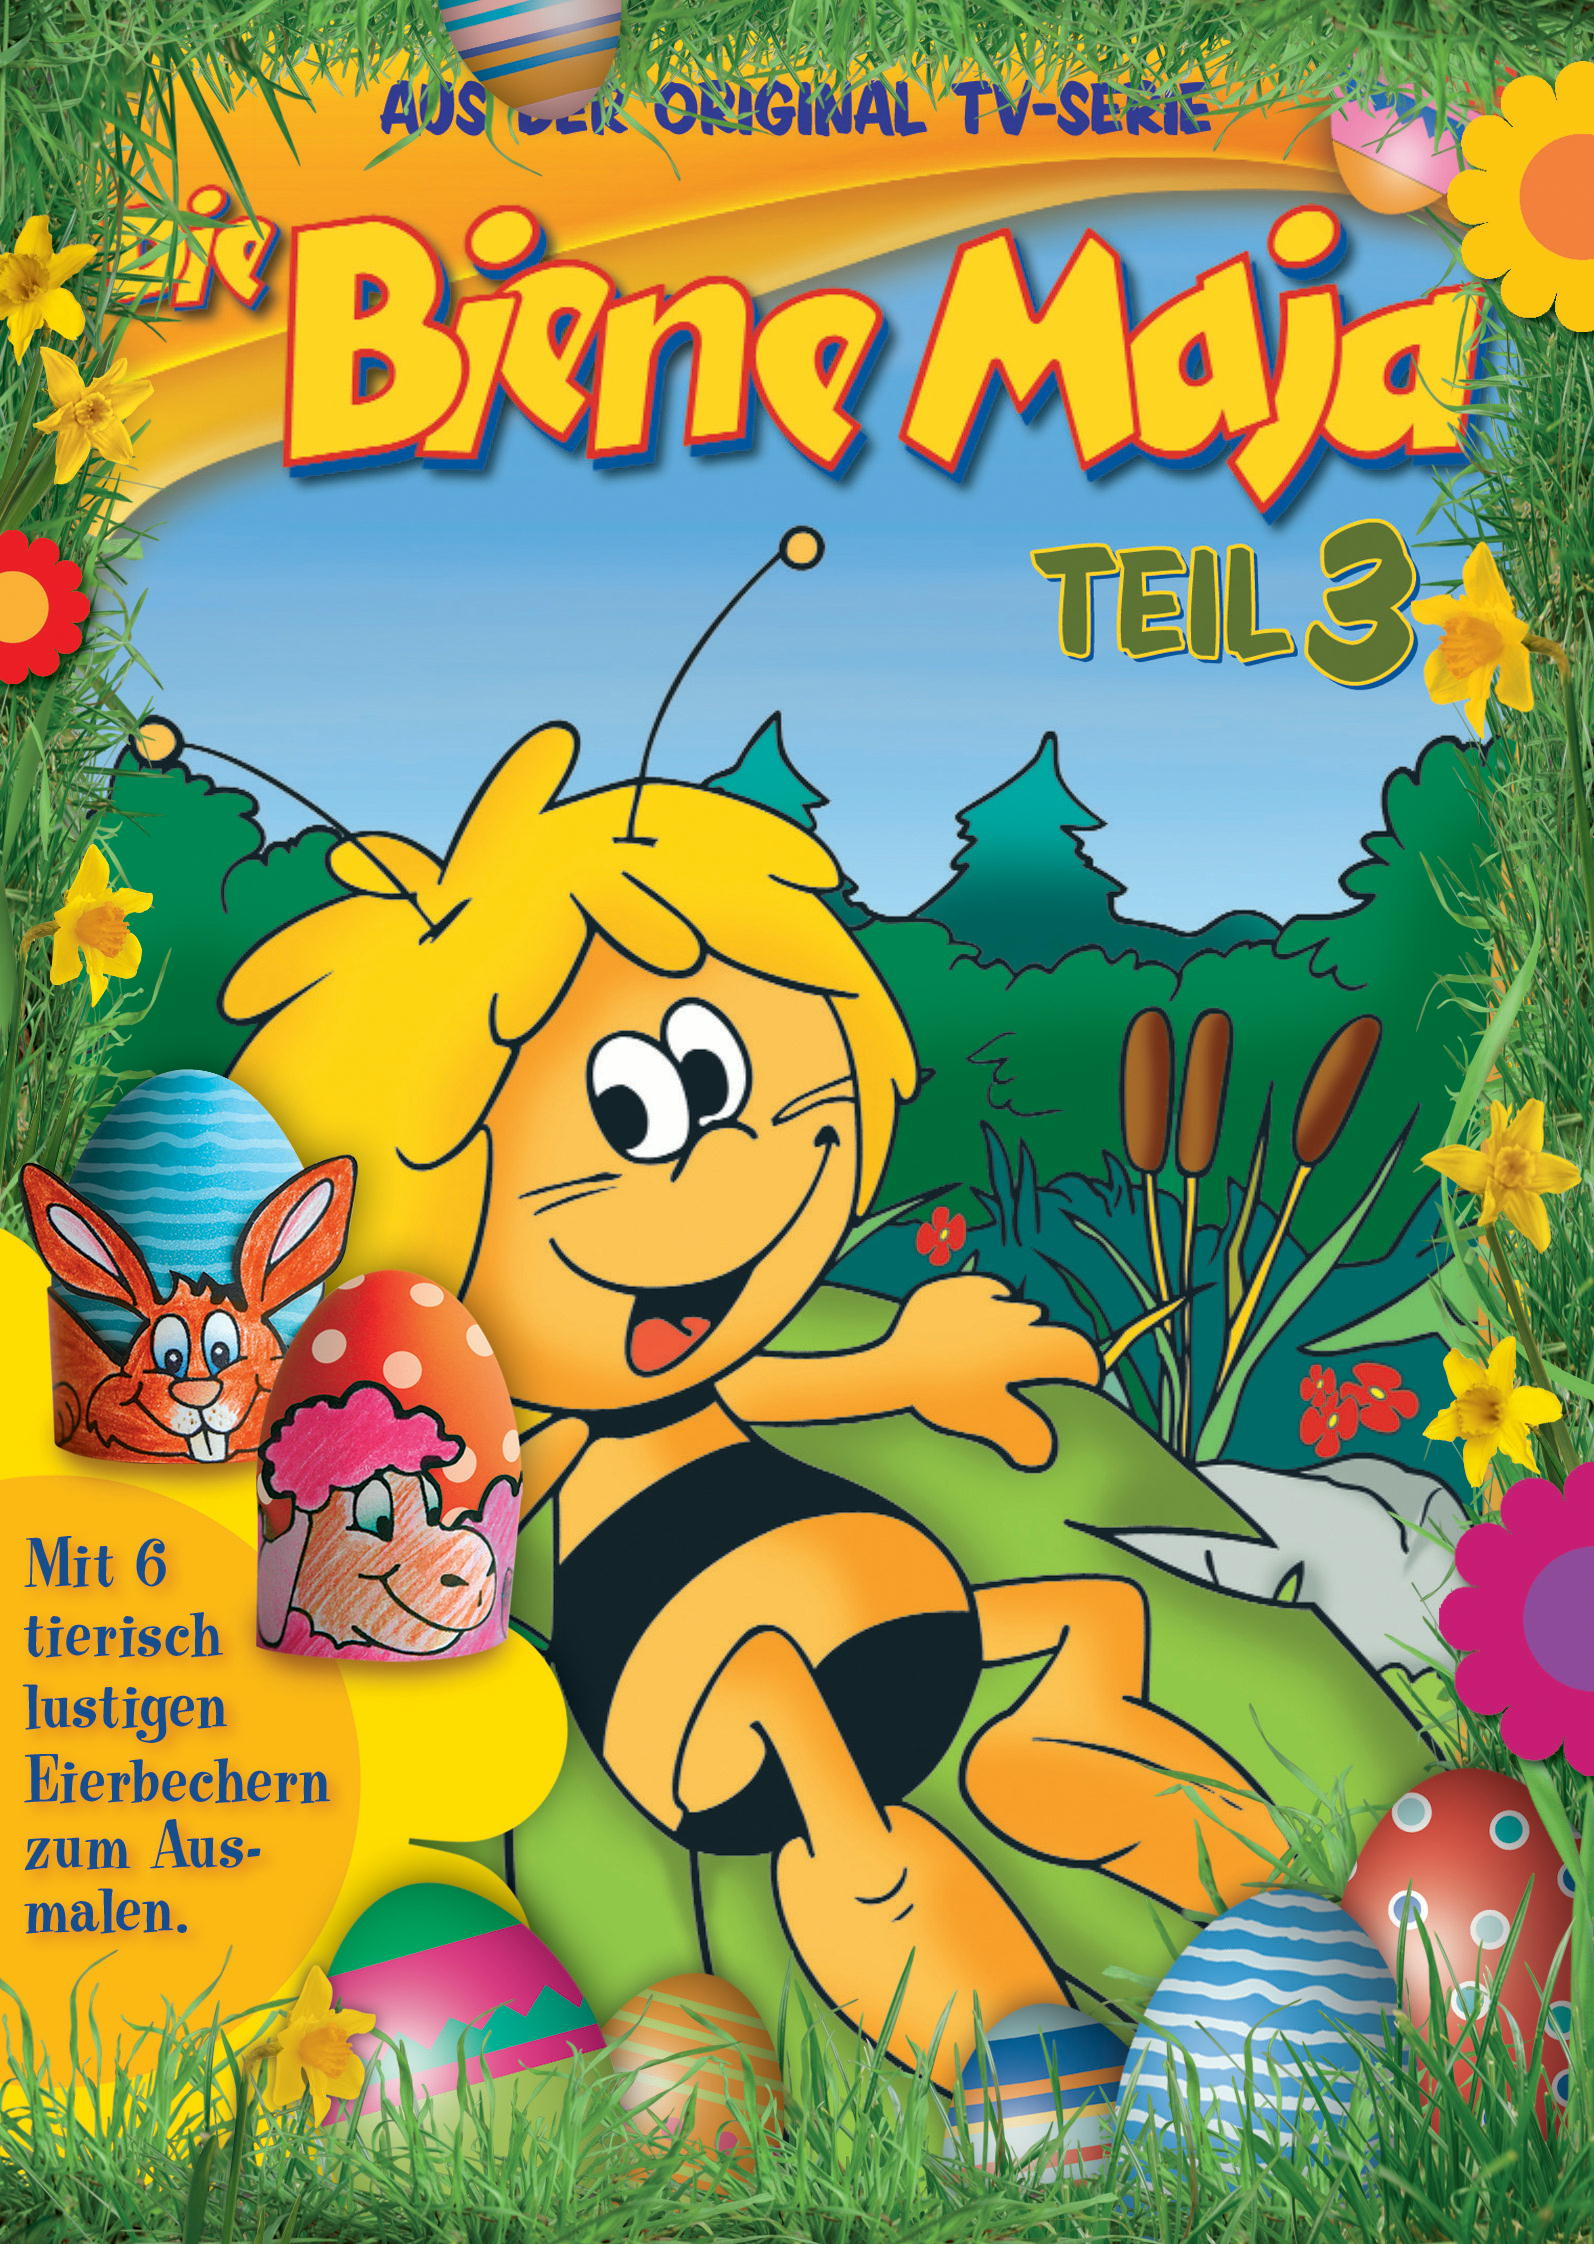 Die Biene Maja - Teil 3 Poster